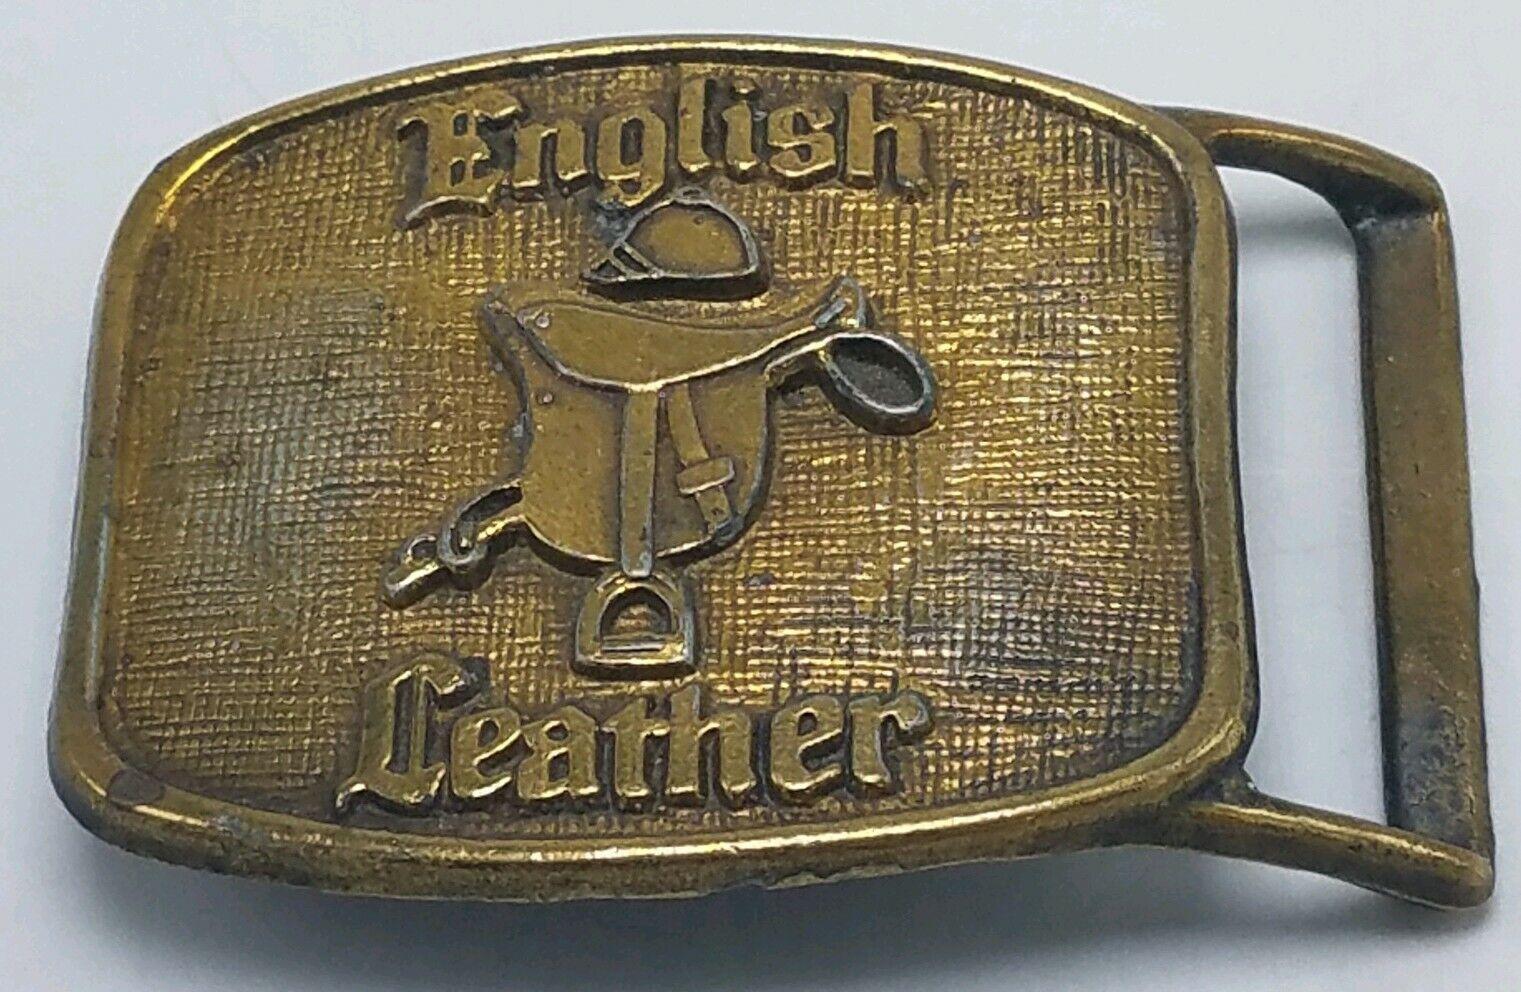 English Leather Vintage Herren Messing Gürtelschnalle Sattel Sehr Gute Zustand